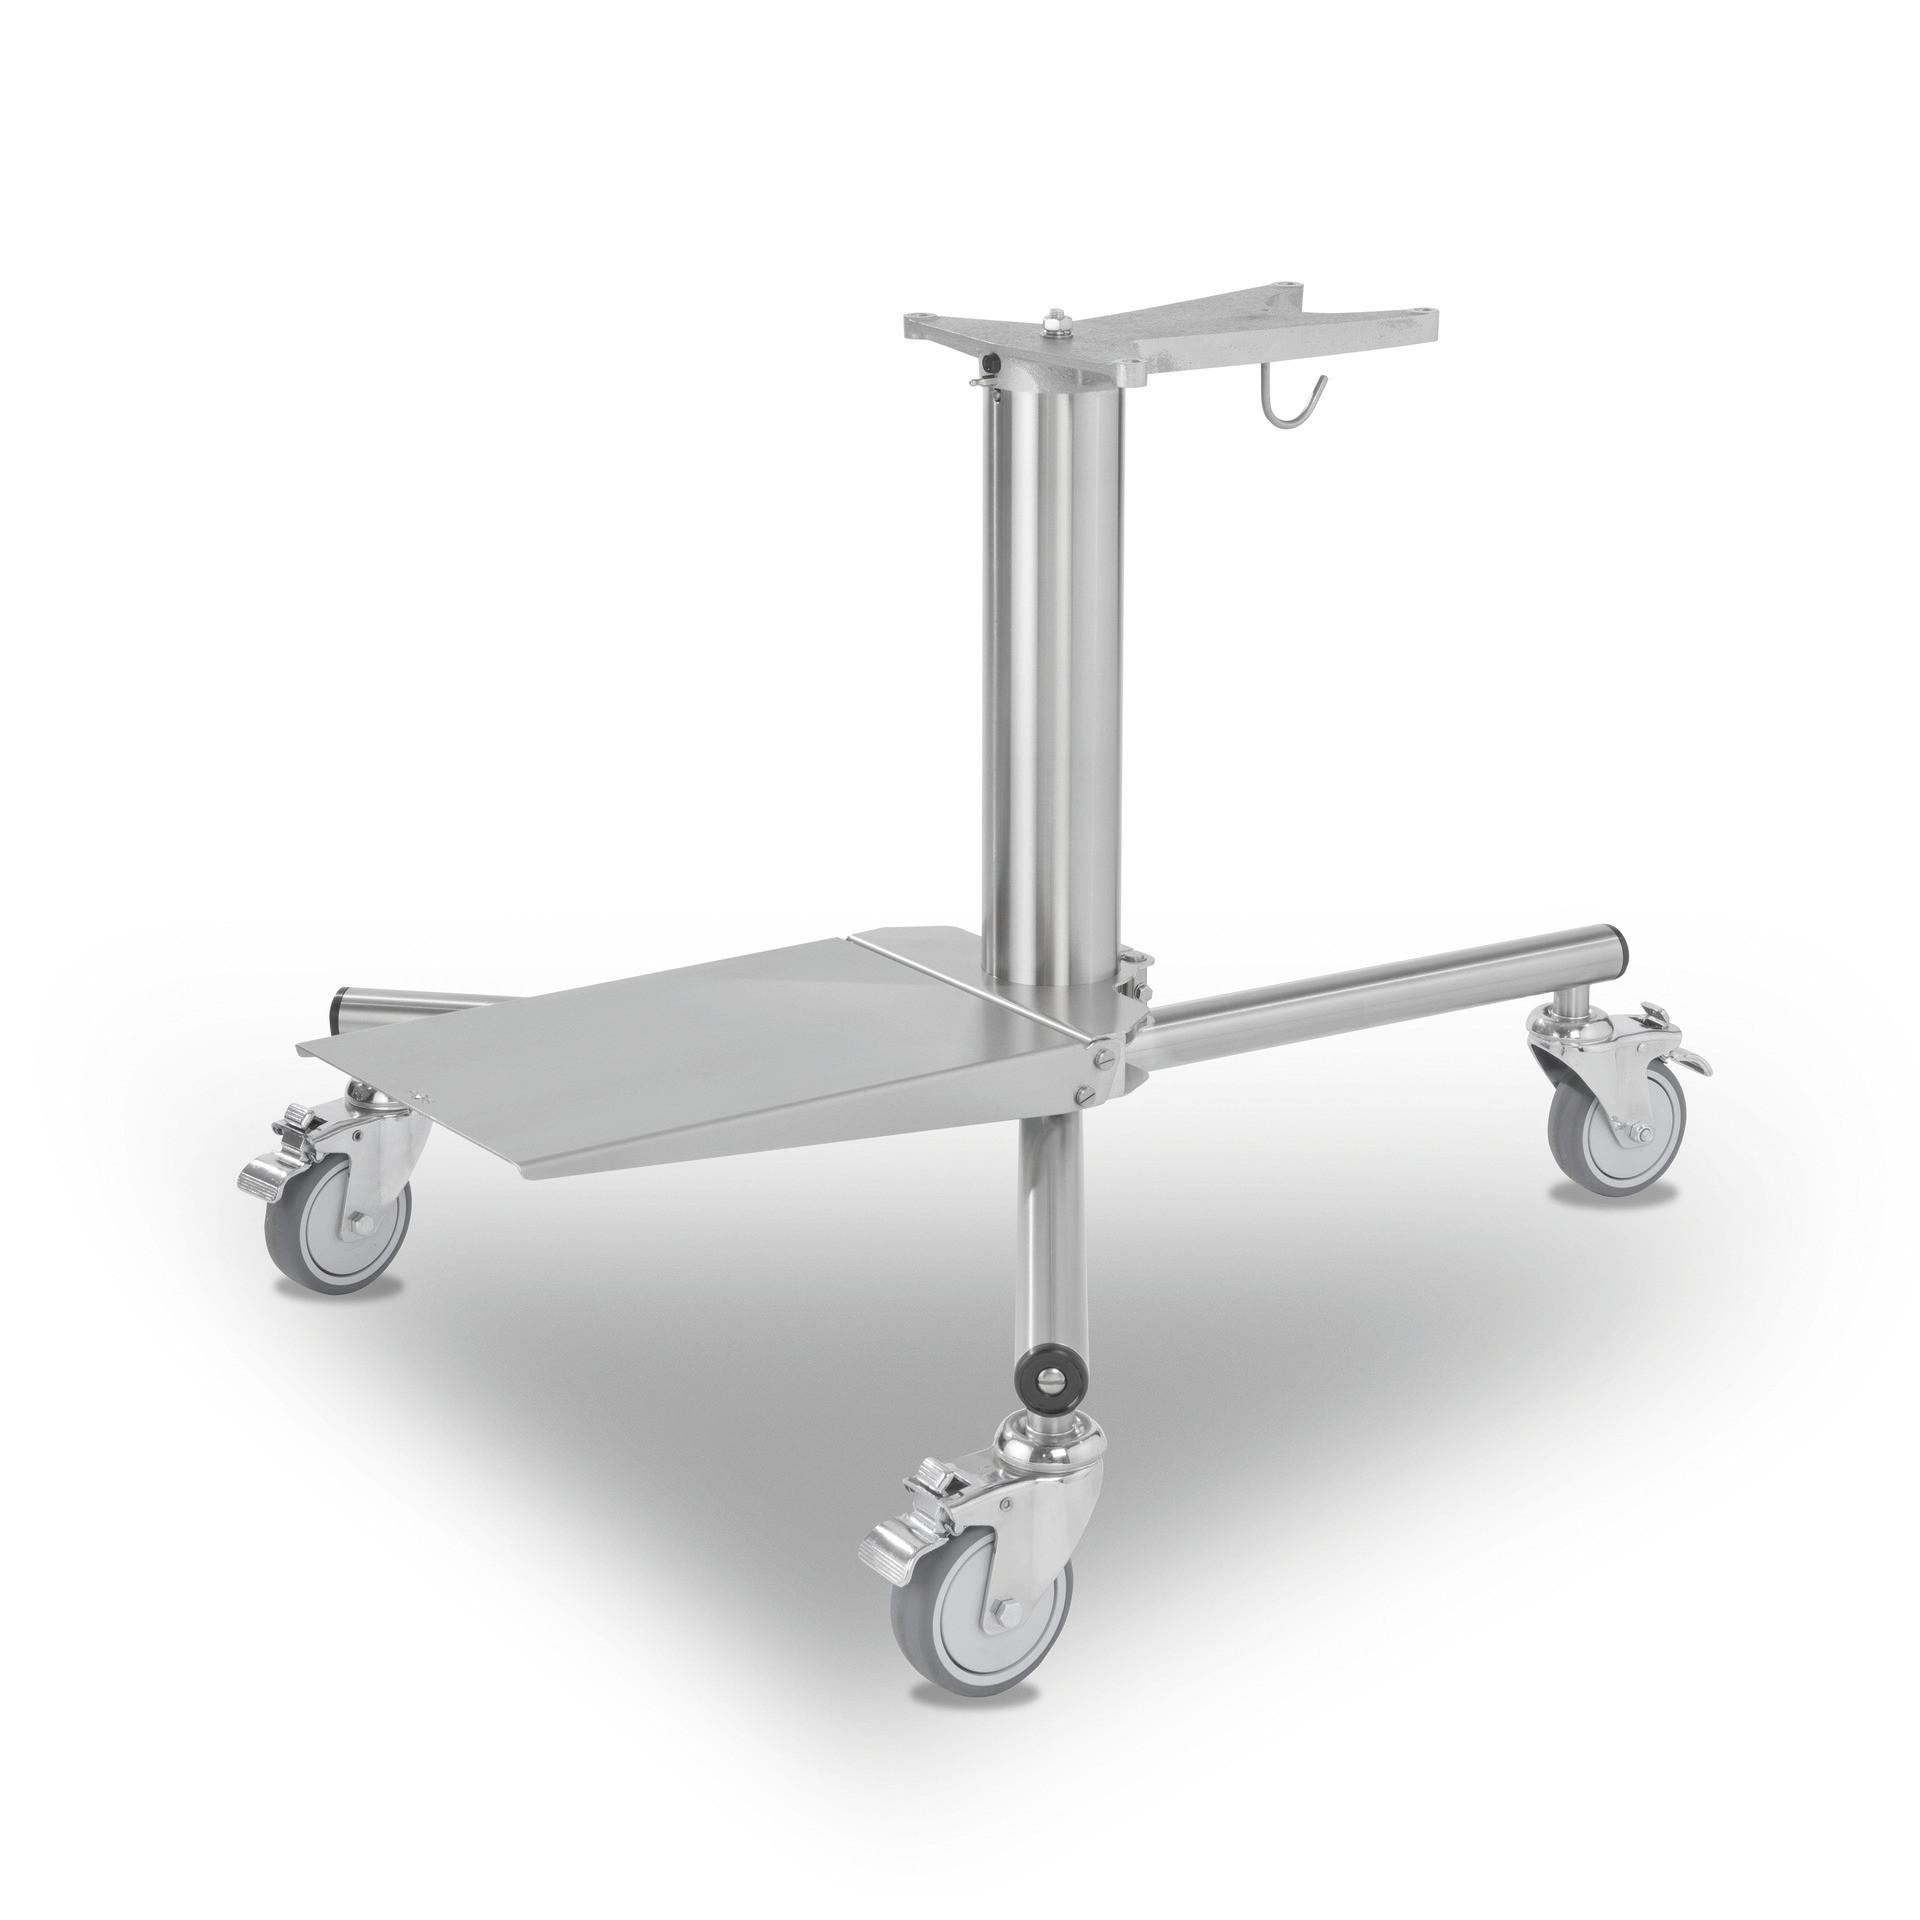 Untergestell fahrbar mit 3 Lenkrollen für HU 1020-2 / mit Abstelleinrichtung